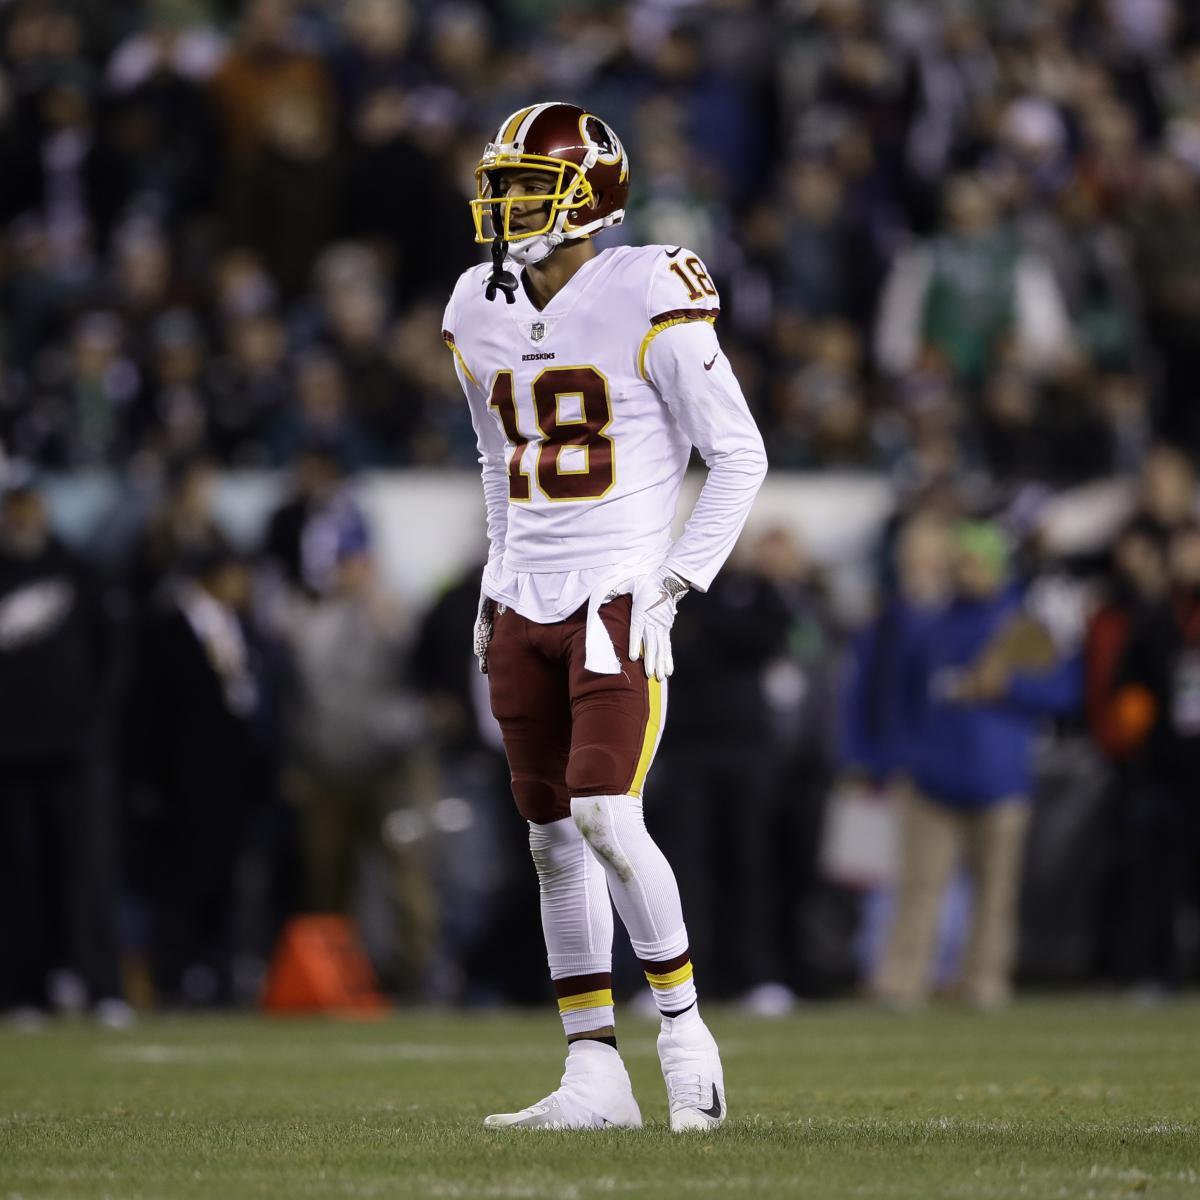 Redskins Trade Rumors: WR Josh Doctson Could Be Dealt Before Season https://t.co/Ld00v55IVf https://t.co/NpFYyoUY1P